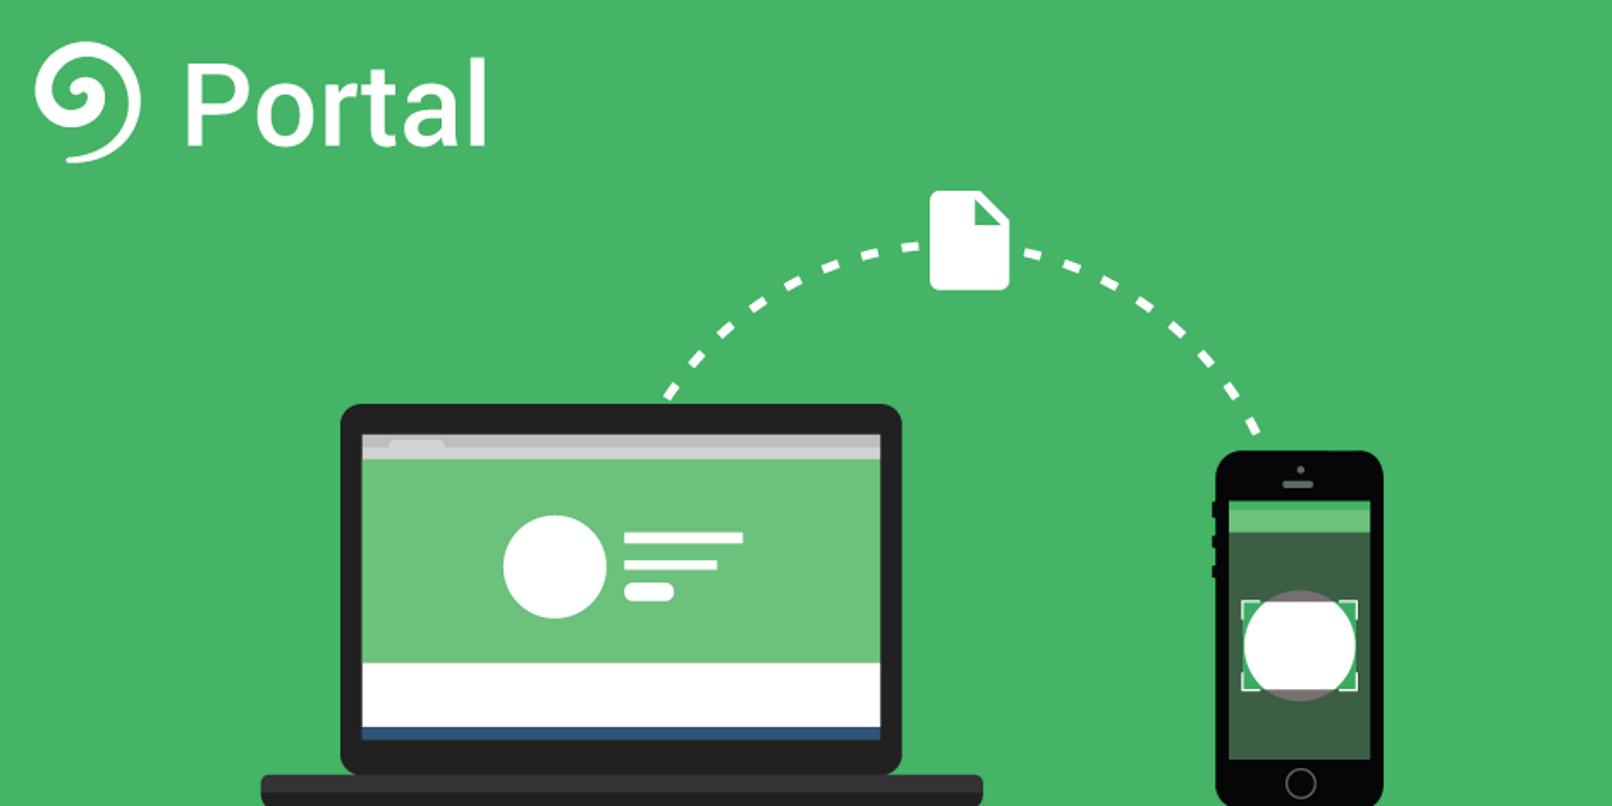 پورتال، برنامه ی ارسال فایل رایگان Pushbullet برای آیفون، در دسترس قرار می گیرد